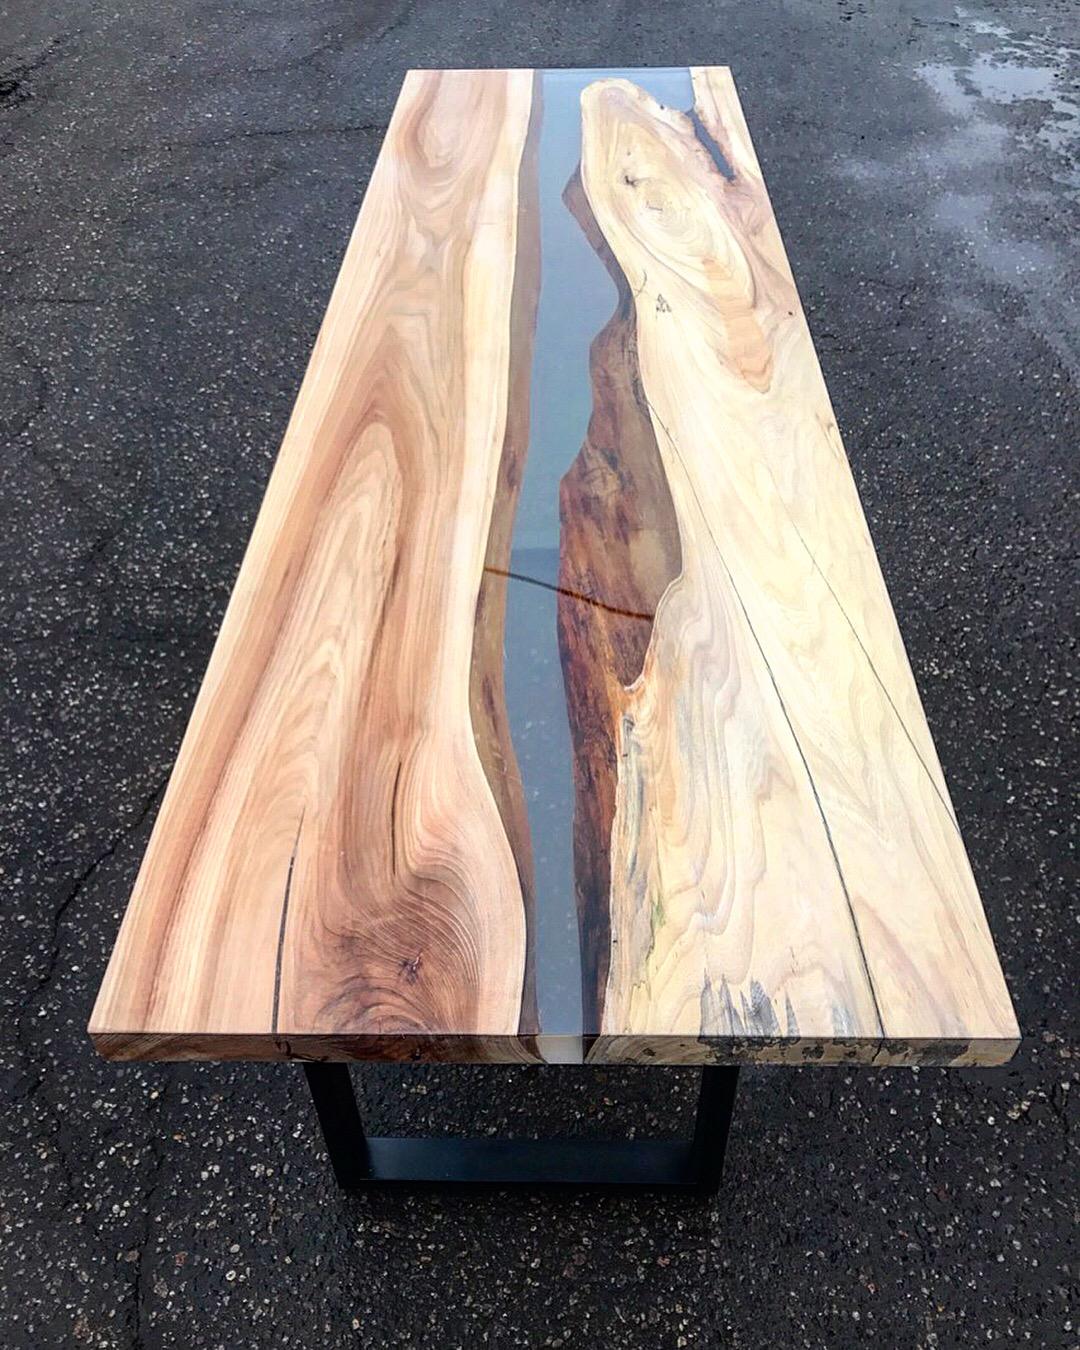 wood works spring 2018 8